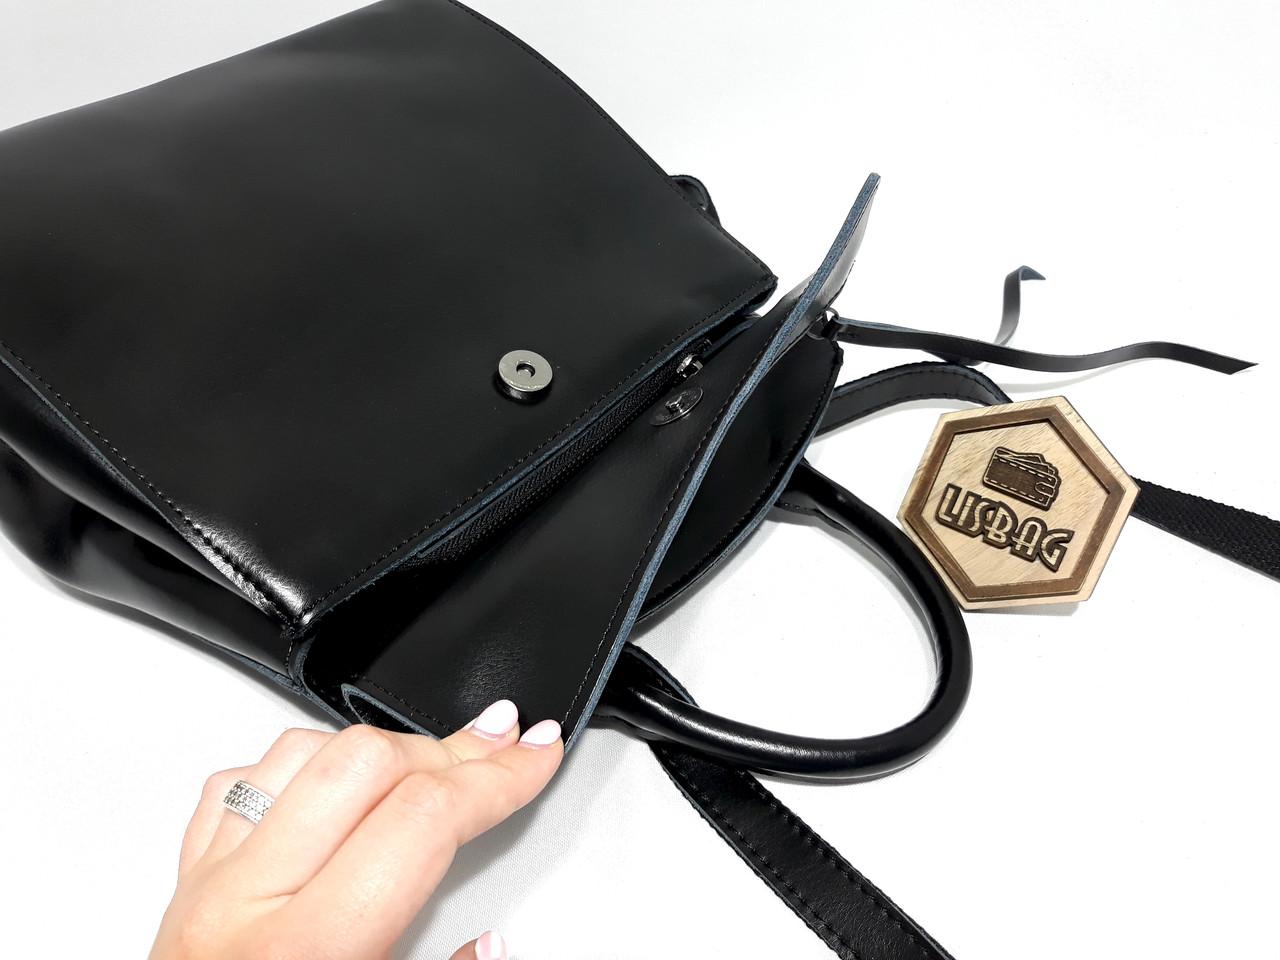 bd6daa4cde16 ... Женский повседневный классический рюкзак-сумка Céline из натуральной  кожи,цвет Черный, ...